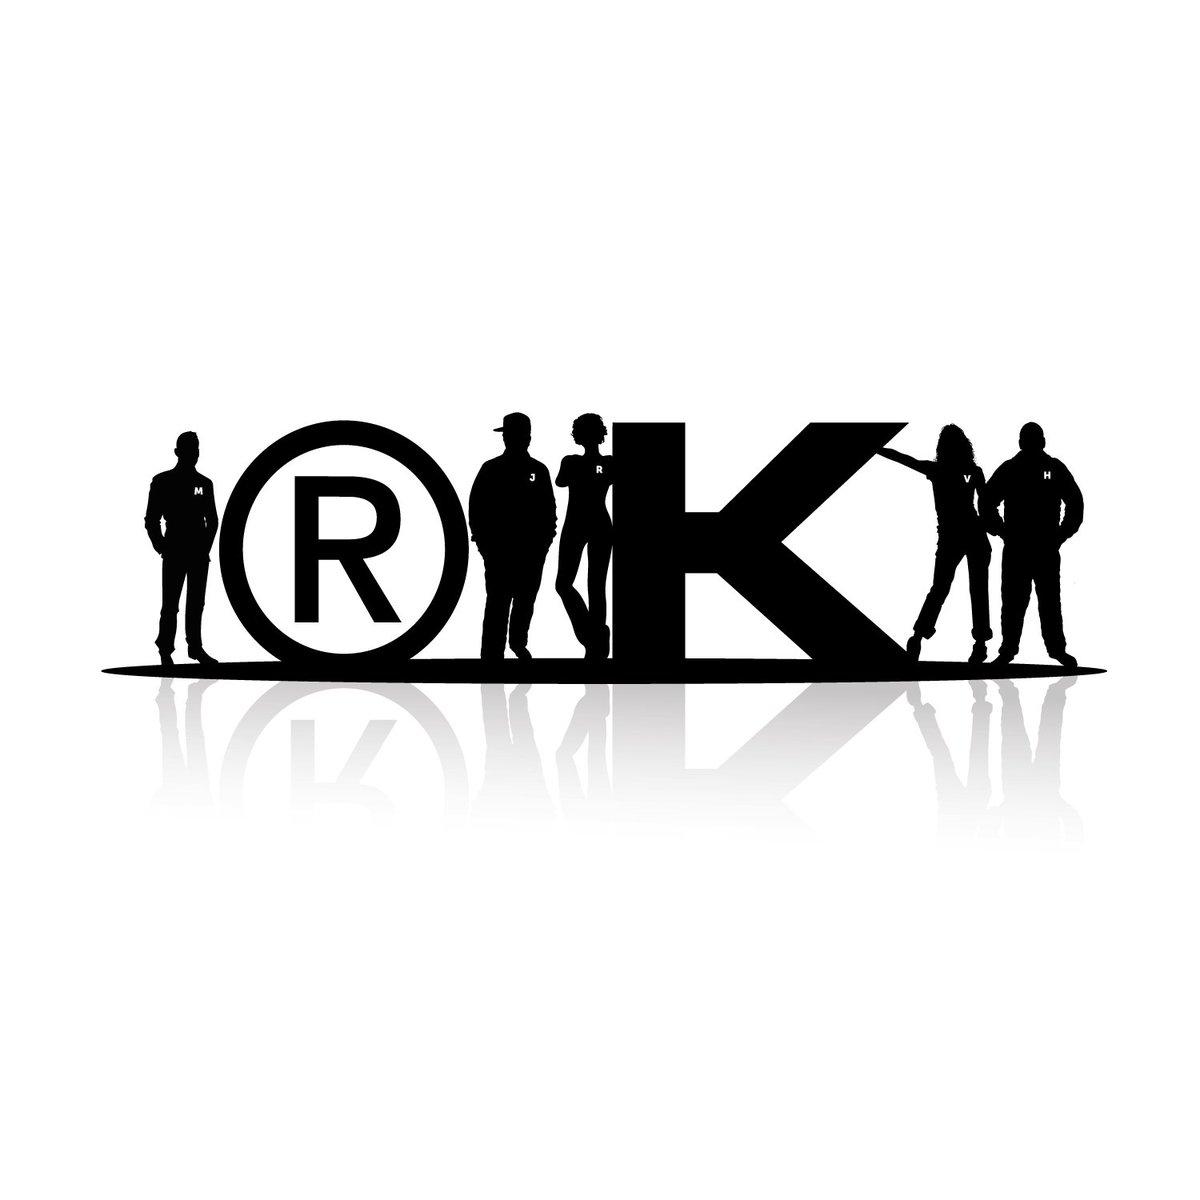 Wir.  #design #designer #indesign #illustrator #blackandwhite #life #leben #overthinking #black #team #RK #rkdesignbuero #werbeagentur #dortmund #vector #vectorart #people #kollegen #work #arbeiten #illustration #typography #typografie